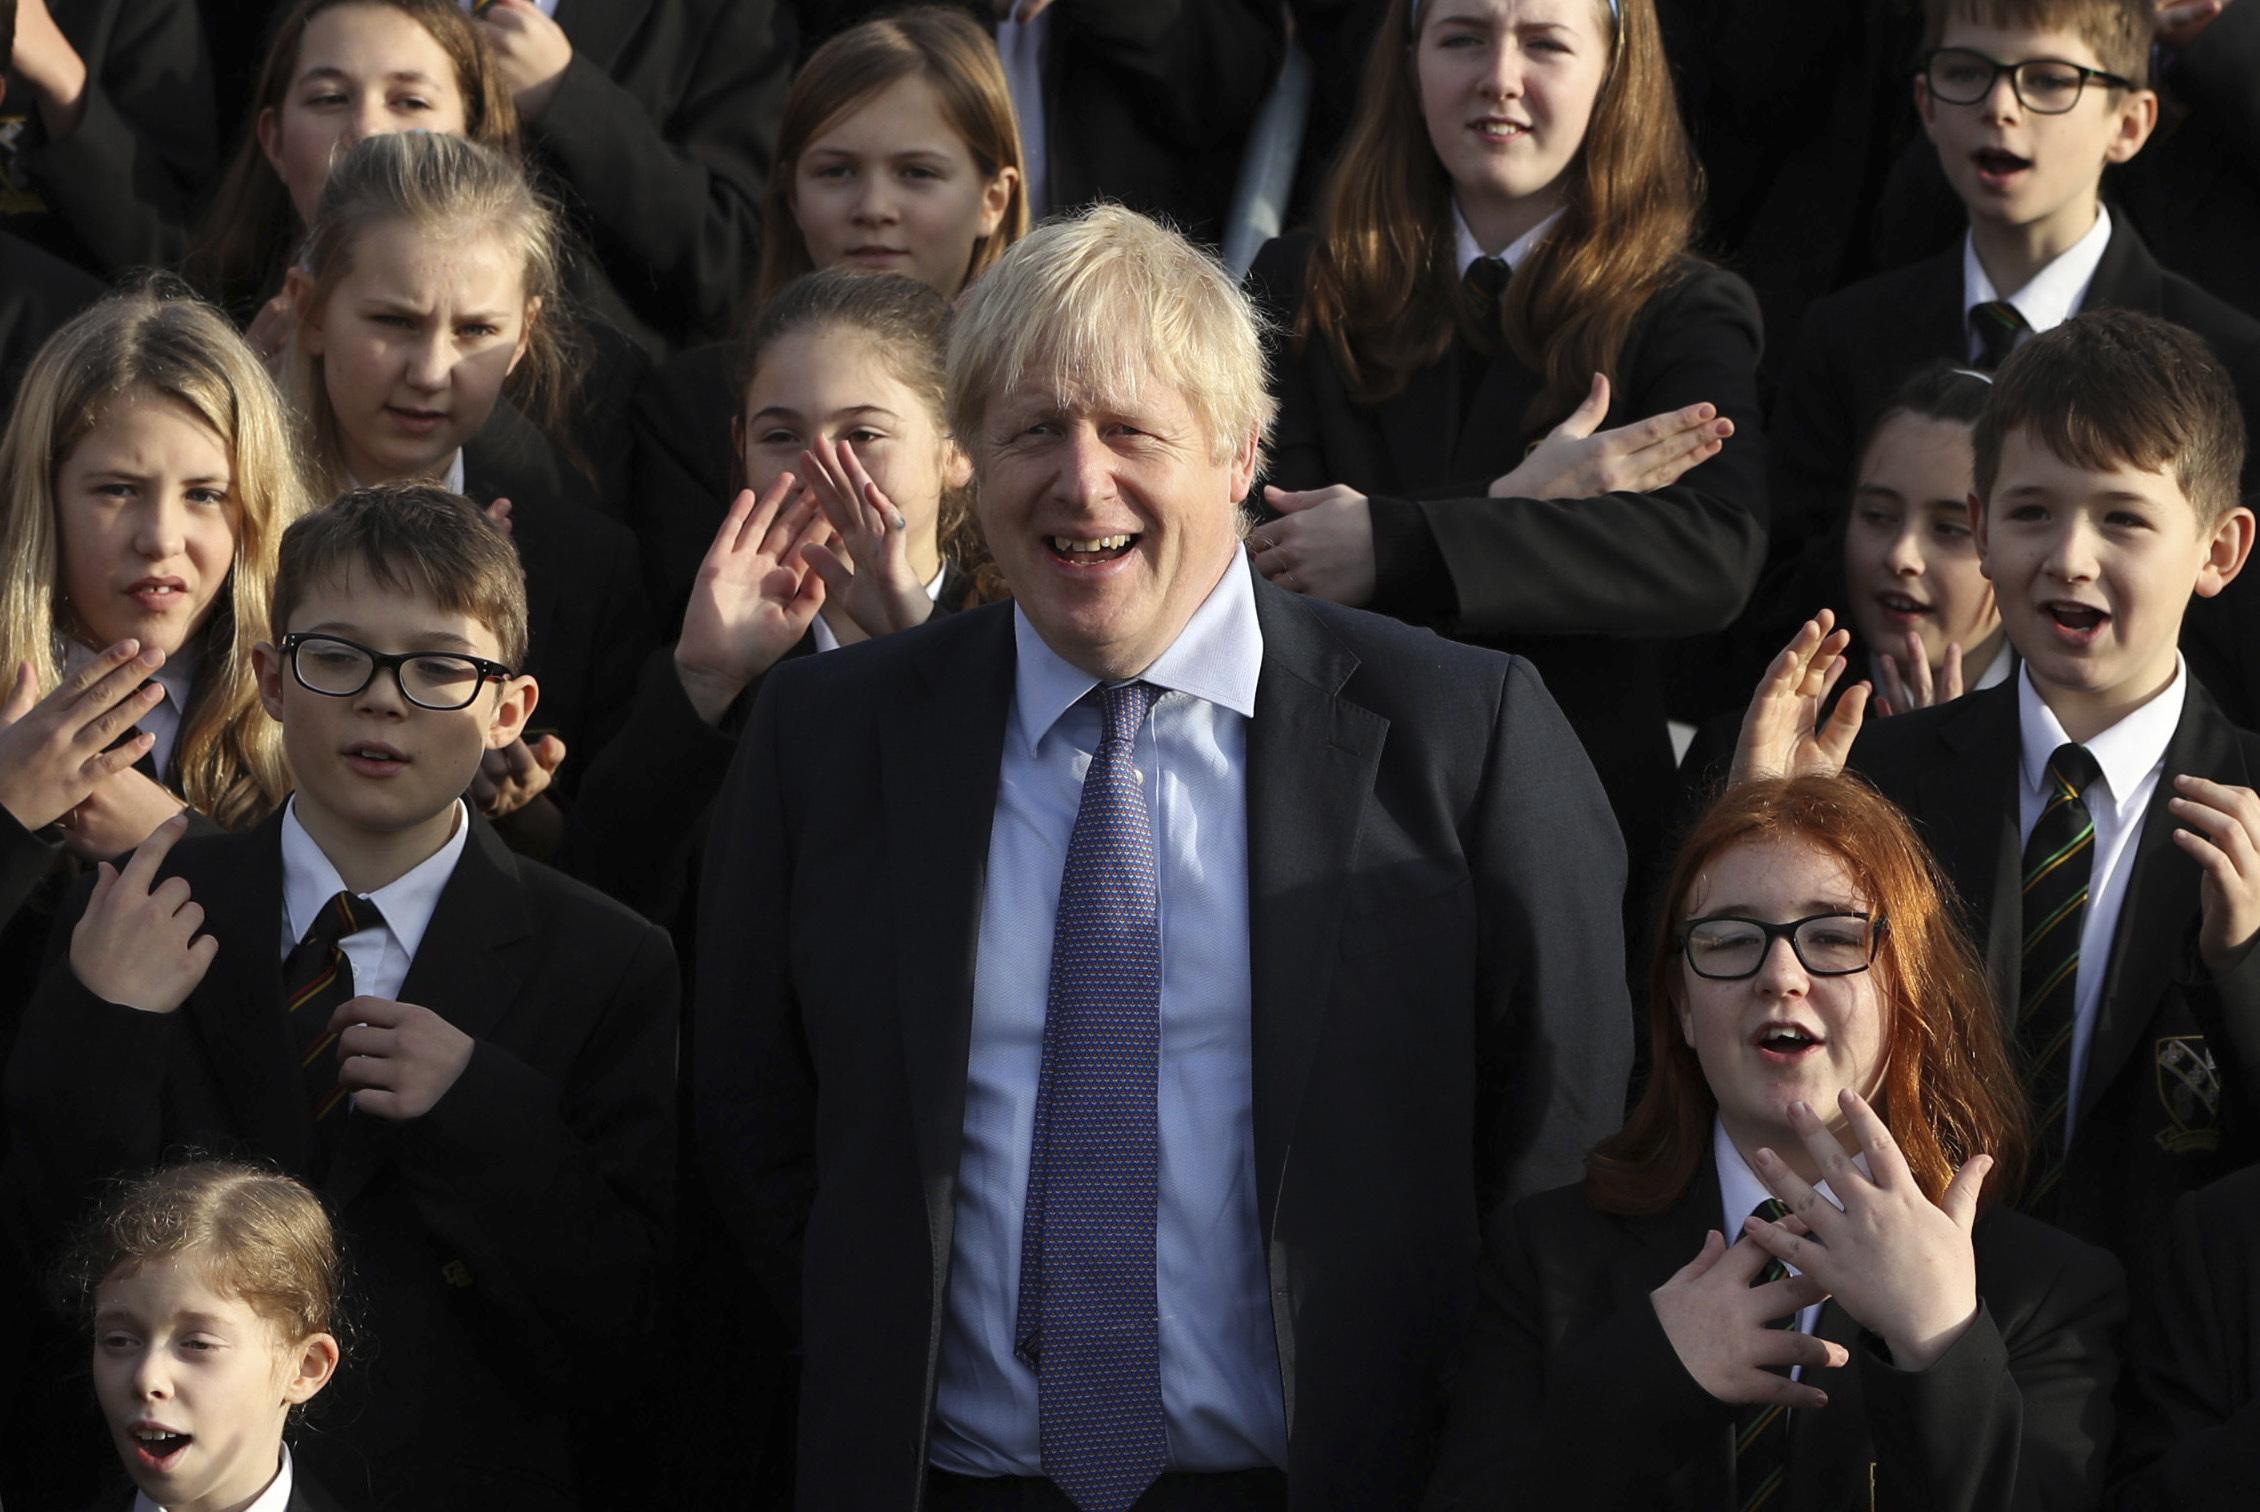 英首相拒出席电视辩论气候变化,遭电视台以冰雕取代。图